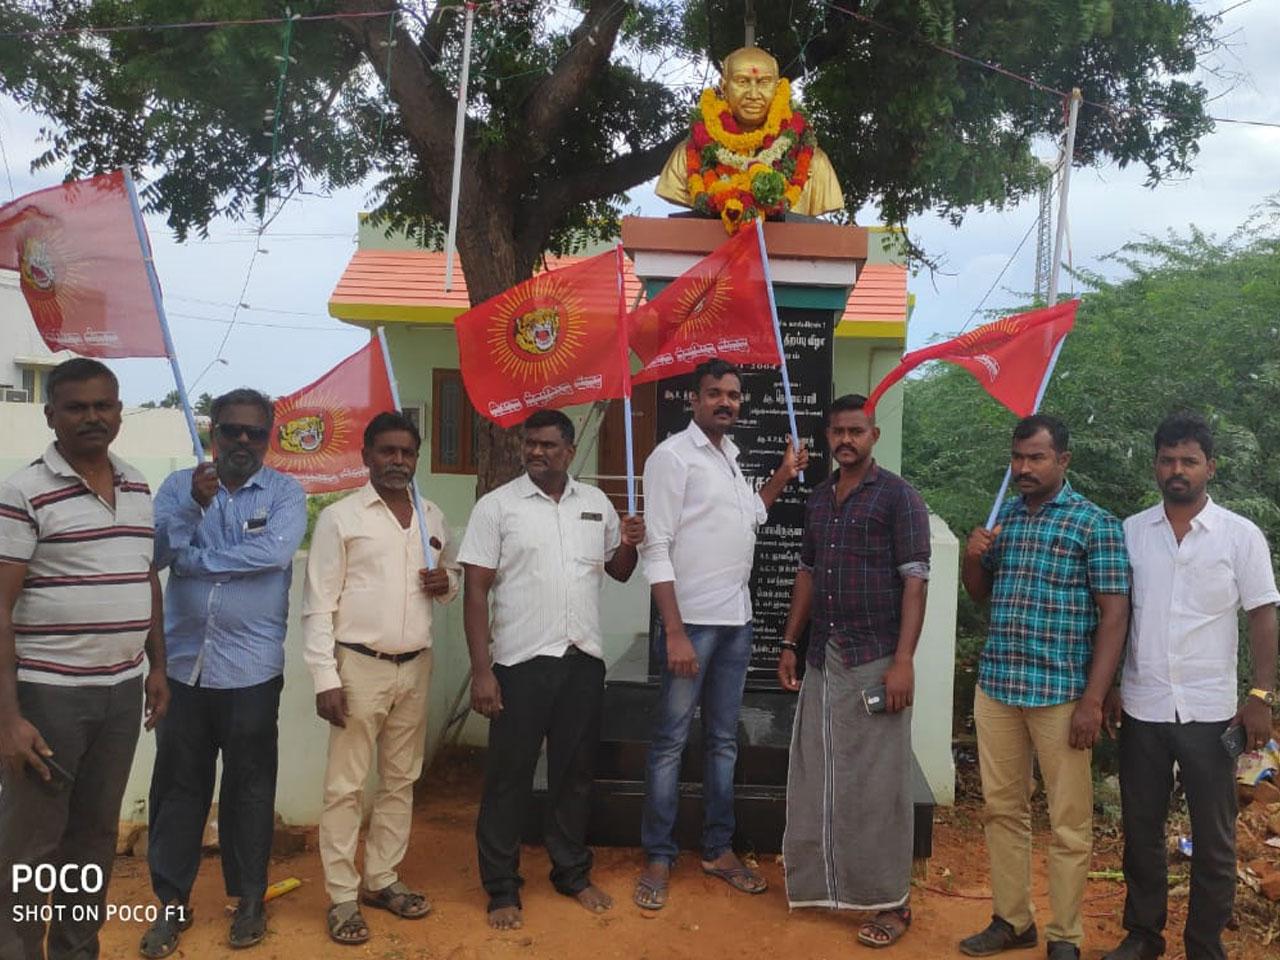 பெருந்தலைவர் காமராஜர் புகழ்வணக்க நிகழ்வு-இராதாபுரம்